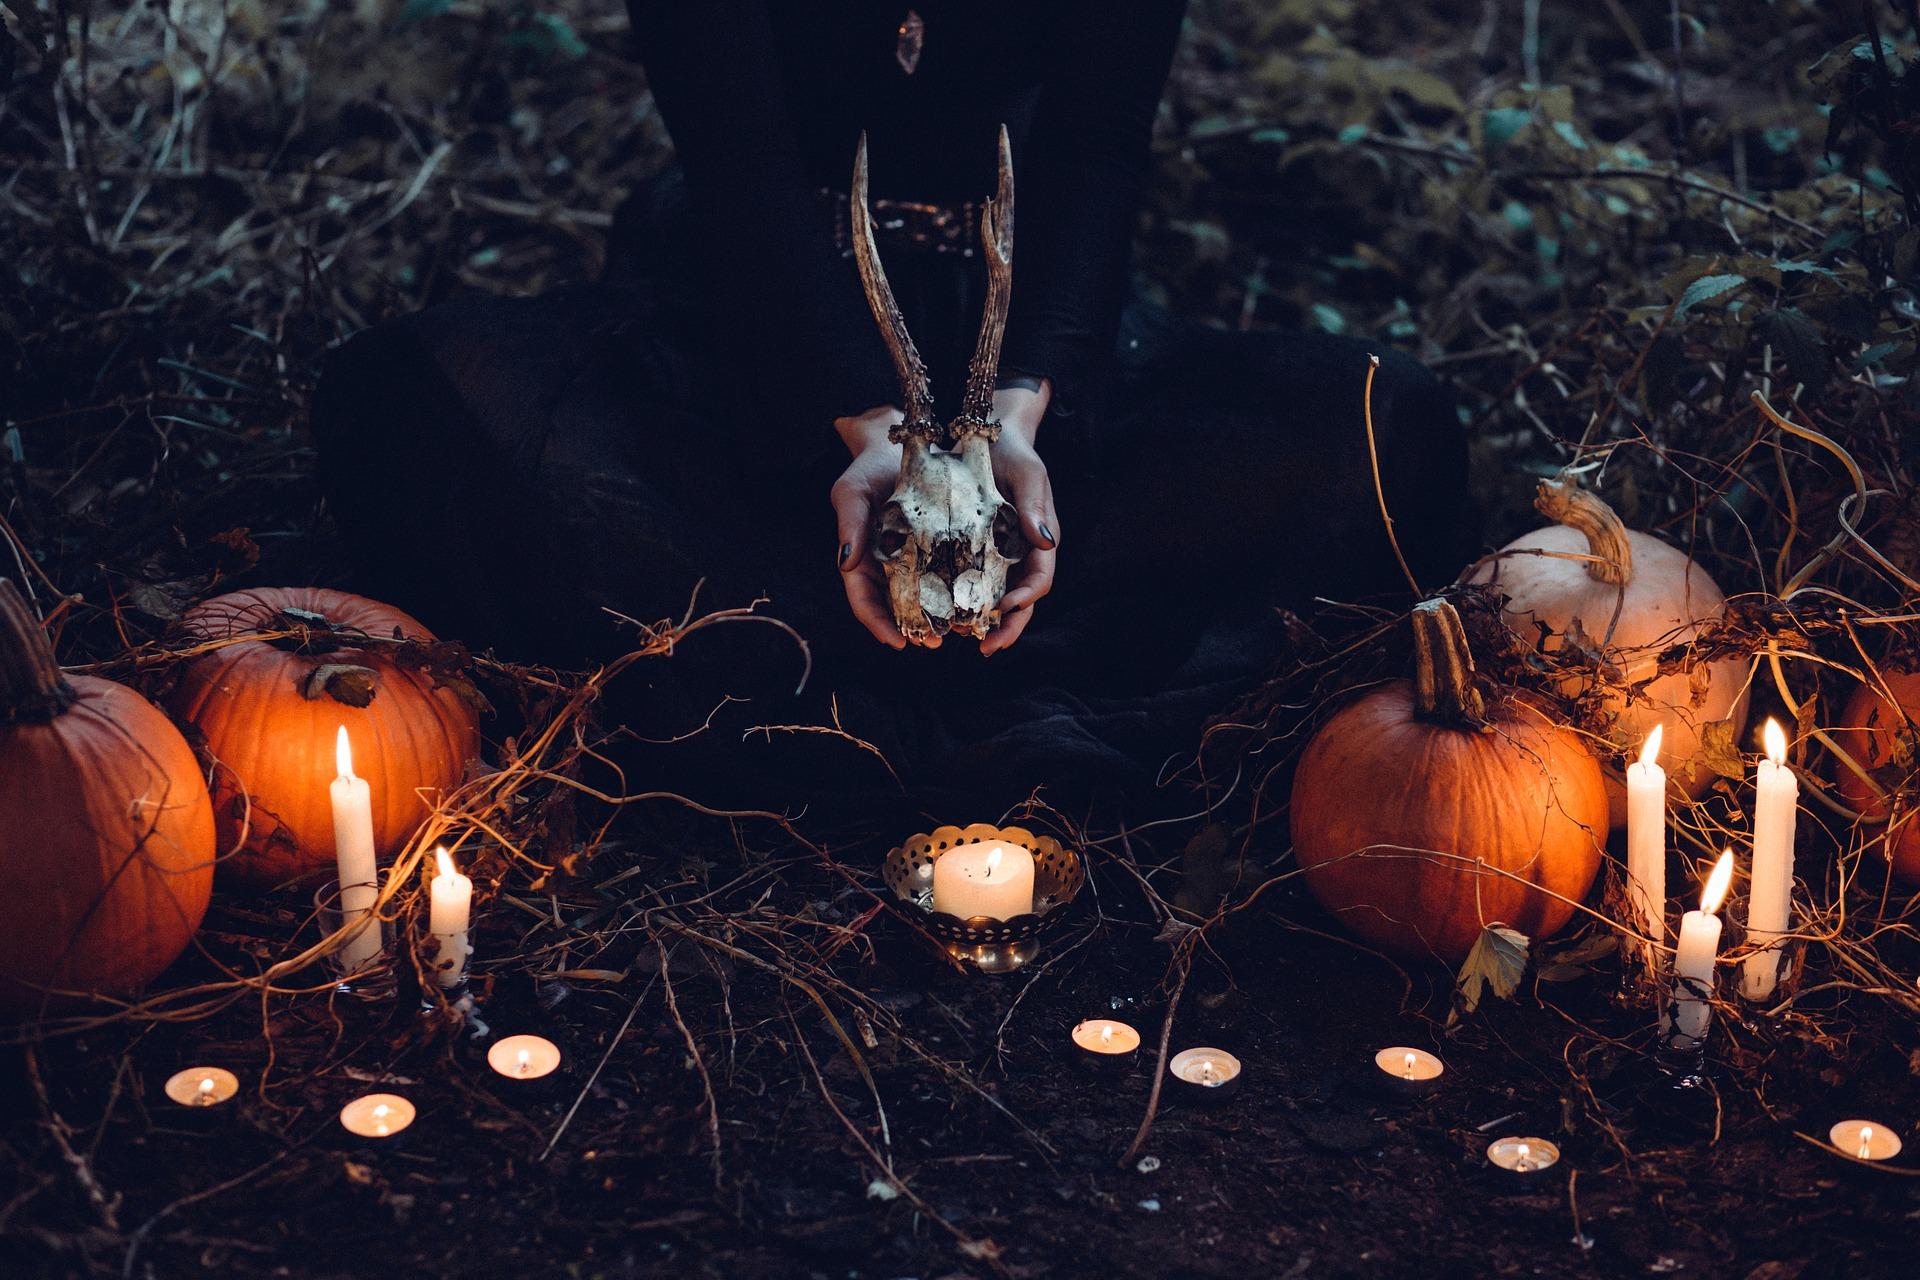 De dødes dag, Allehelgen, Samhain, fuldmåne, fuldmaane, ritual, selvudvikling, transformation, død, genfødsel